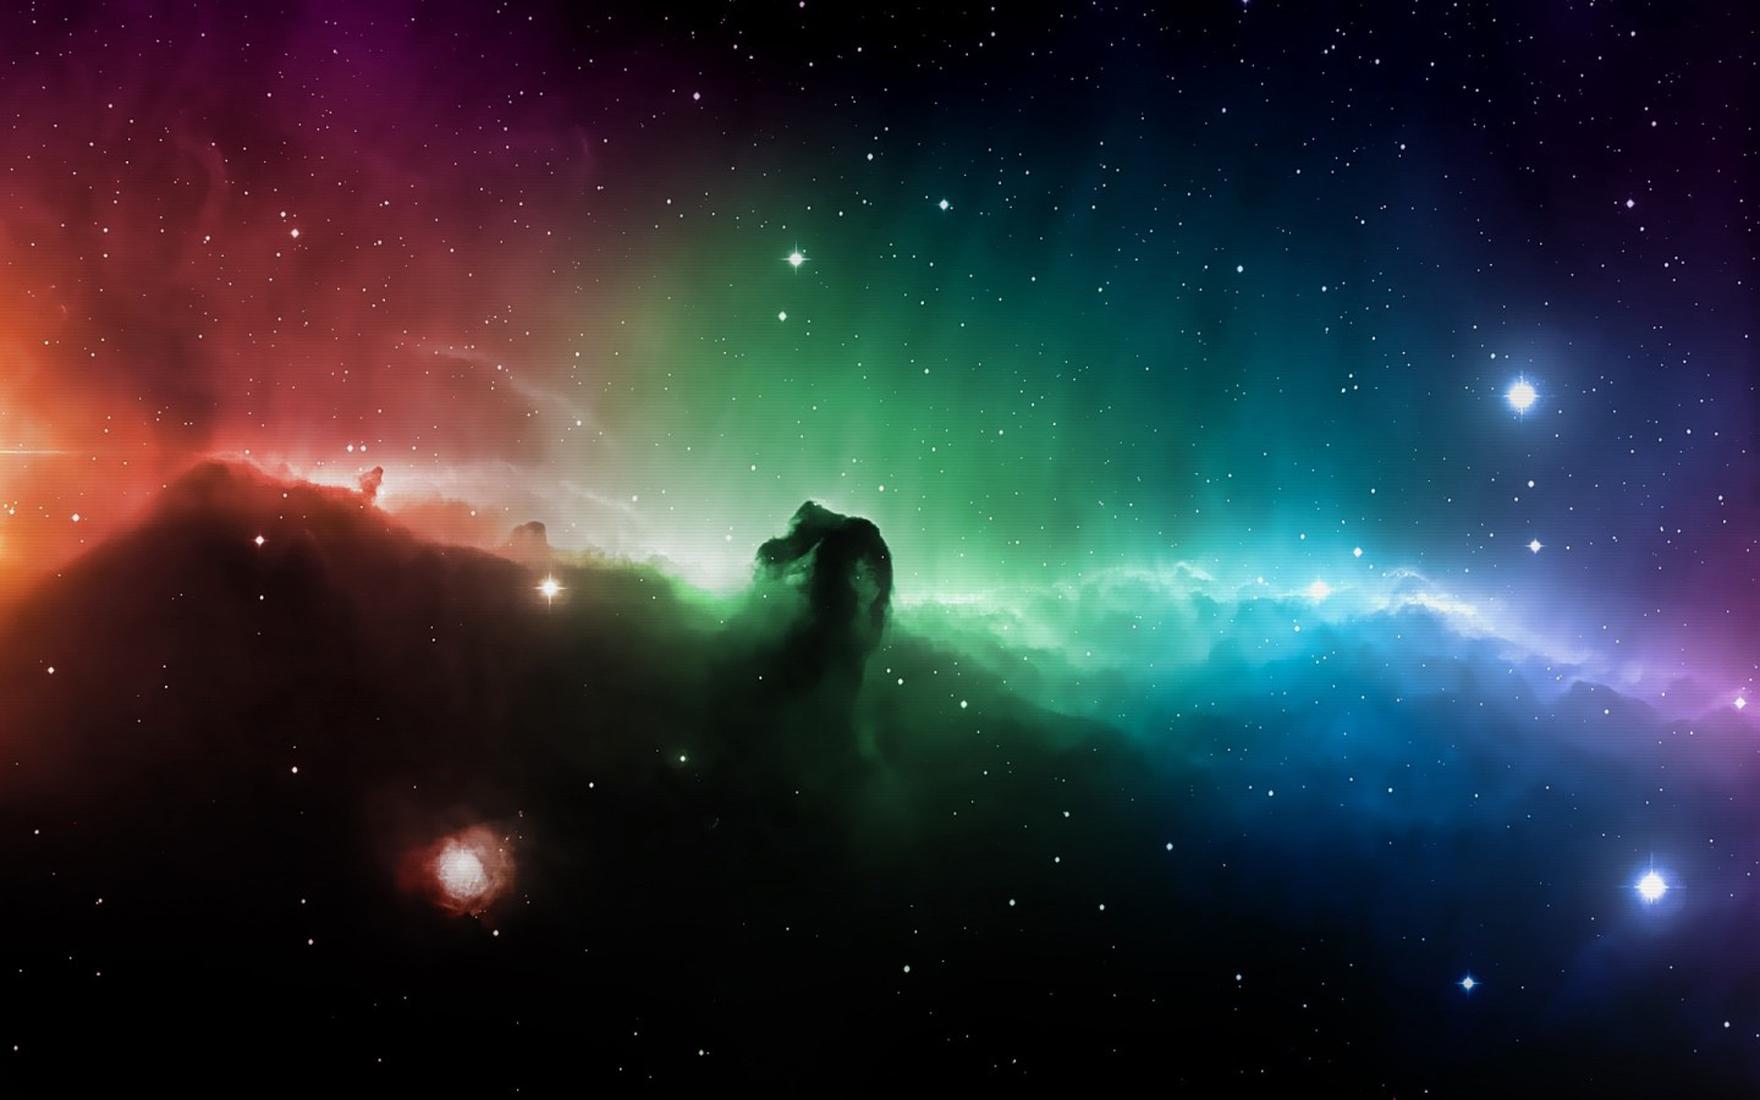 高清梦幻太空图片高清桌面壁纸 风景壁纸 壁纸下载